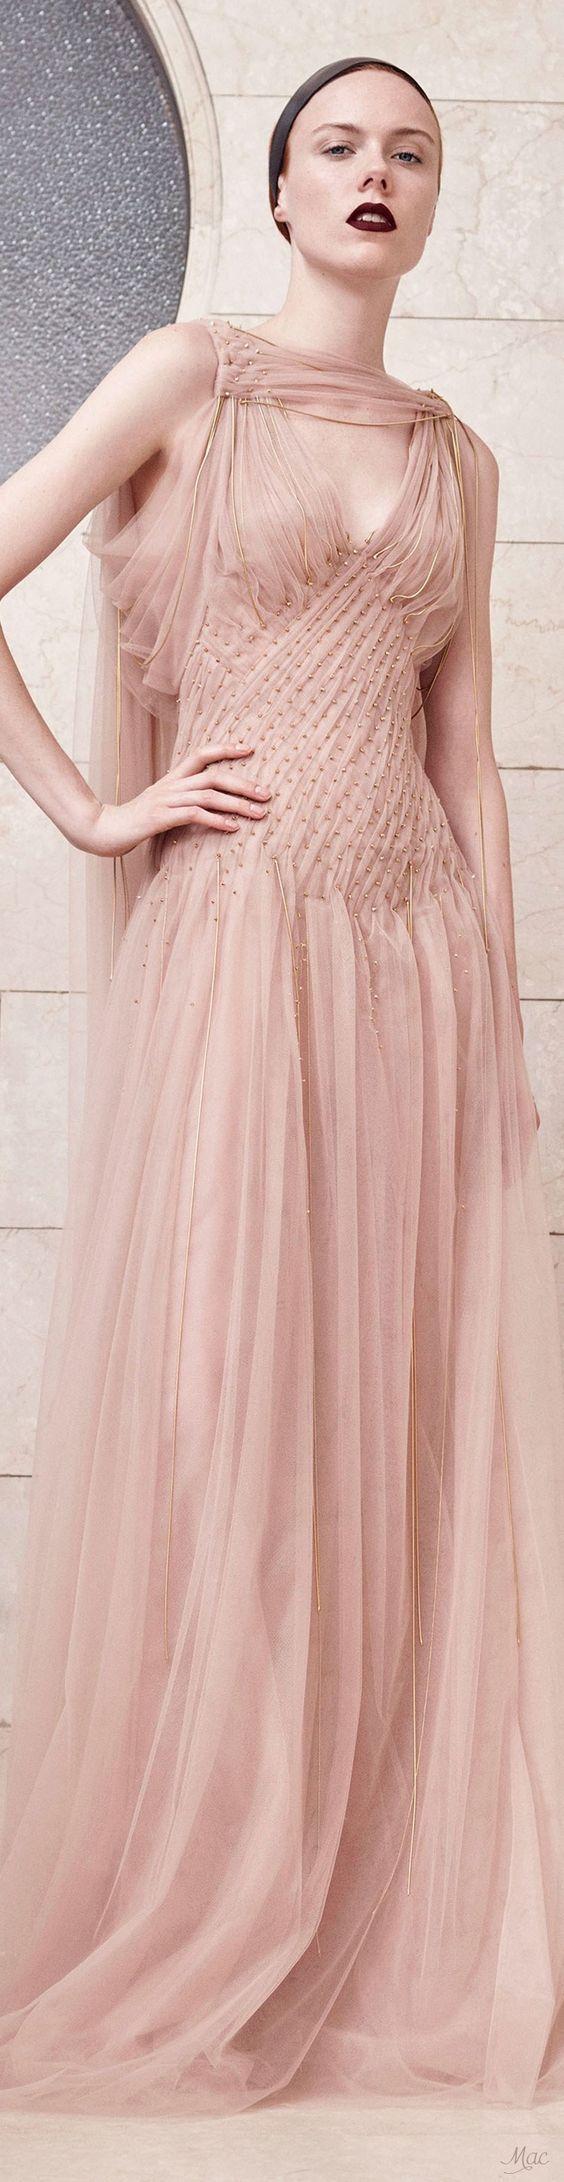 Versace   Versace   Pinterest   Versace, Versace sale and Luxury ...